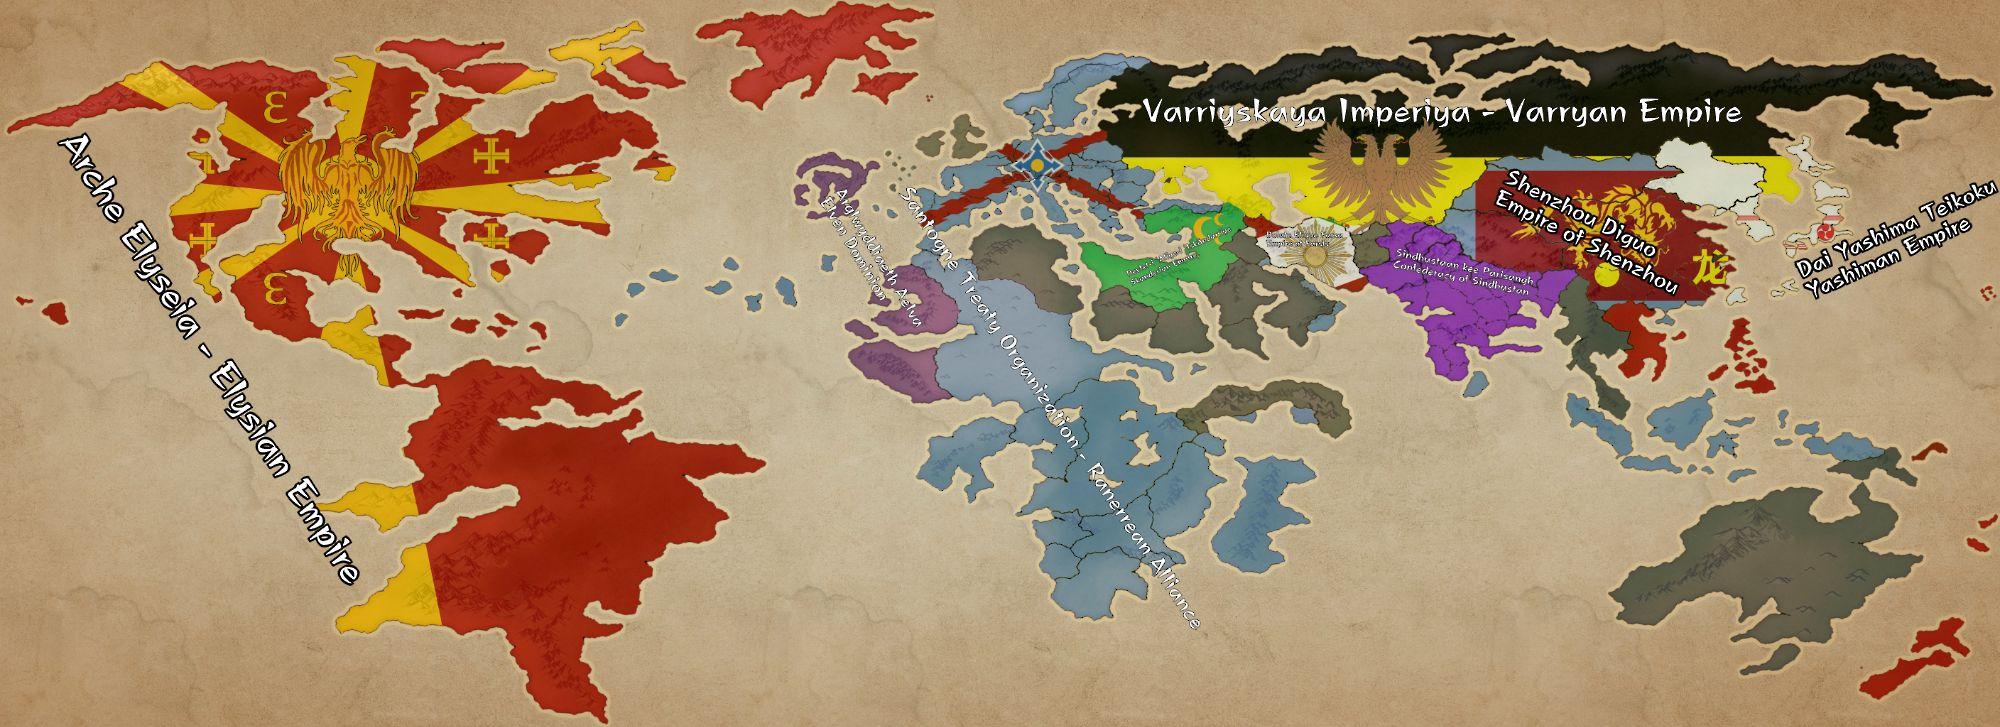 ในช่วงสามัญศักราชที่ 2694 - โลกได้แบ่งออกเป็นขั้วอำนาจต่างๆ